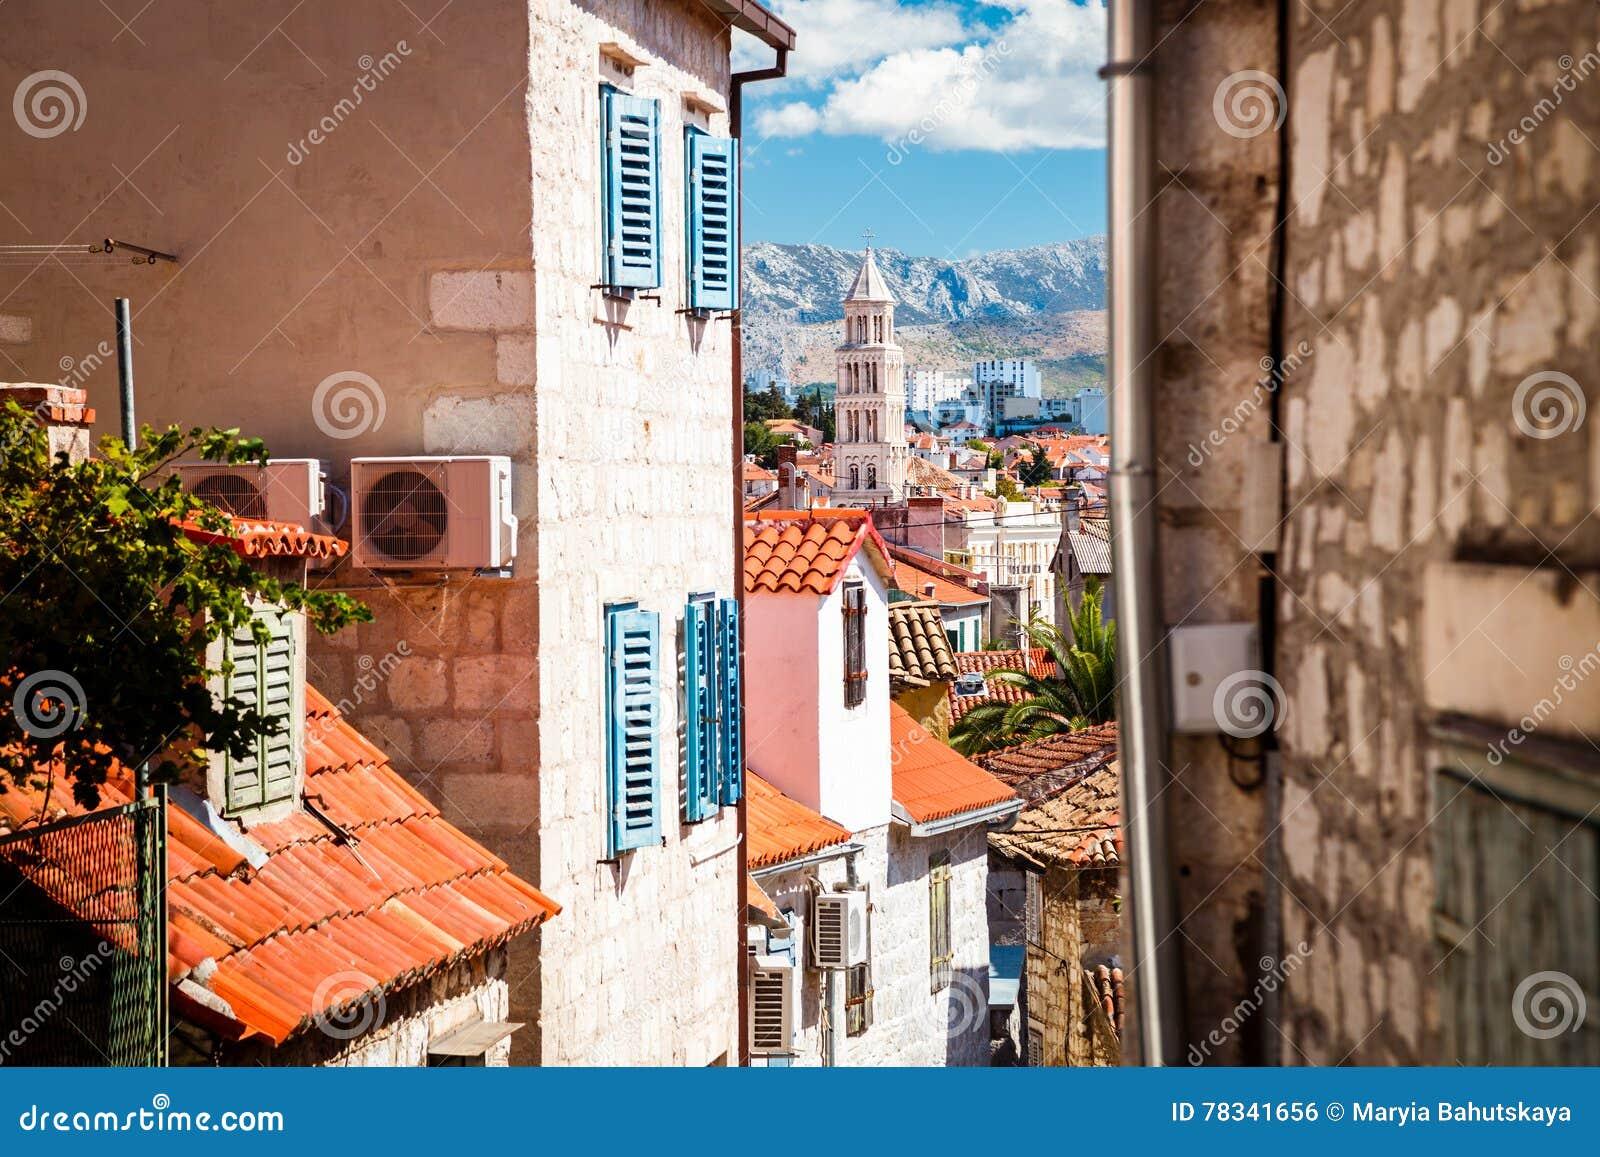 Calle de la ciudad vieja partida en Dalmacia, Croacia